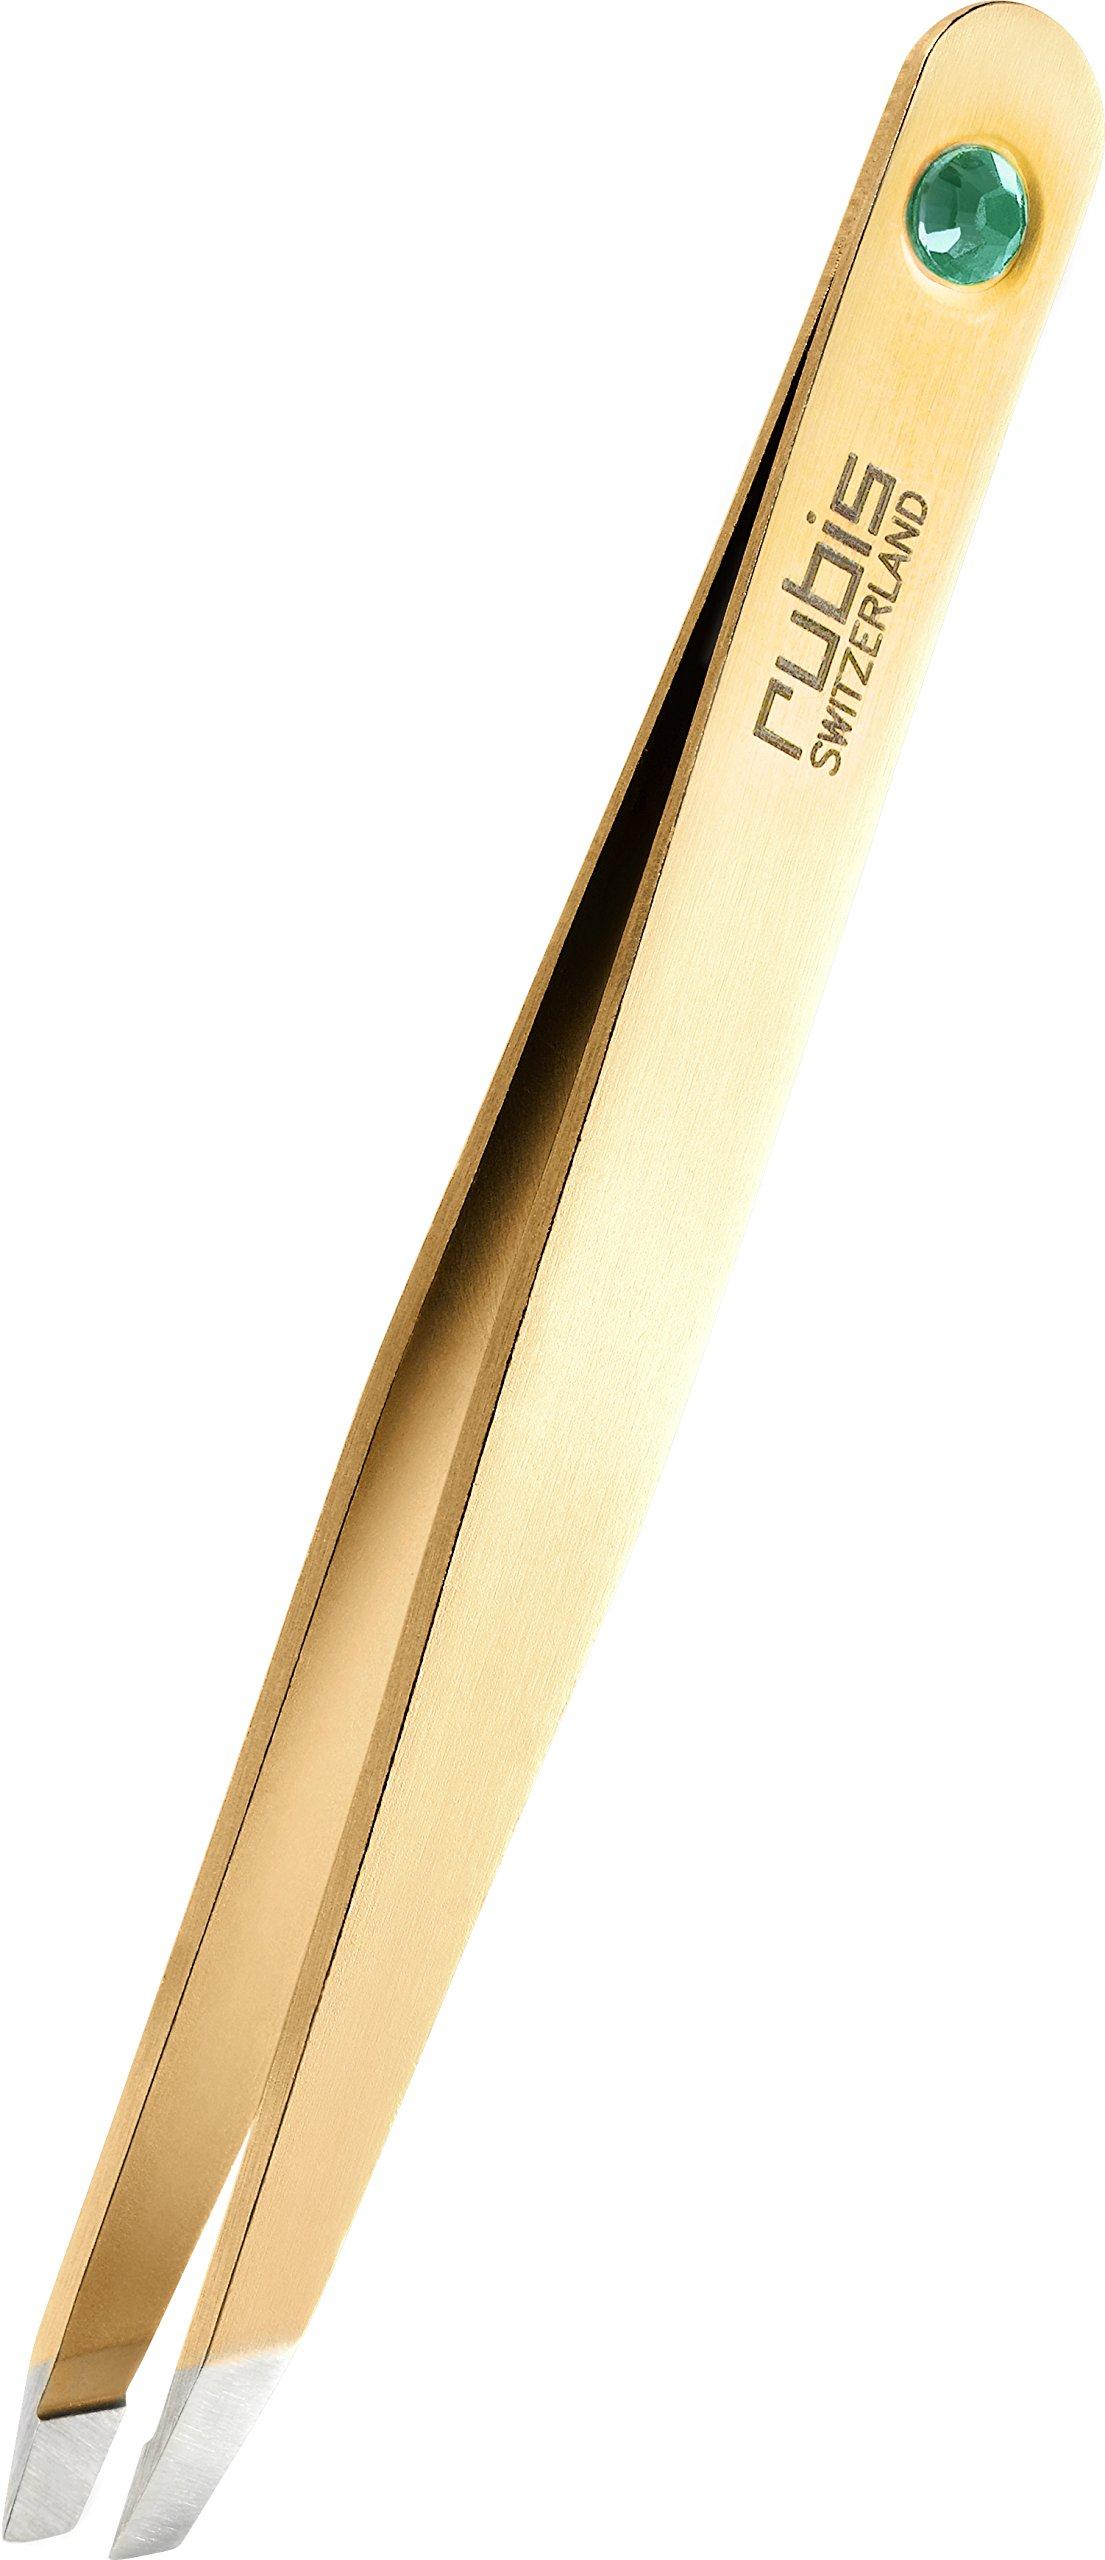 Rubis Gold Tweezers with Swarovski Emerald - 1K1905